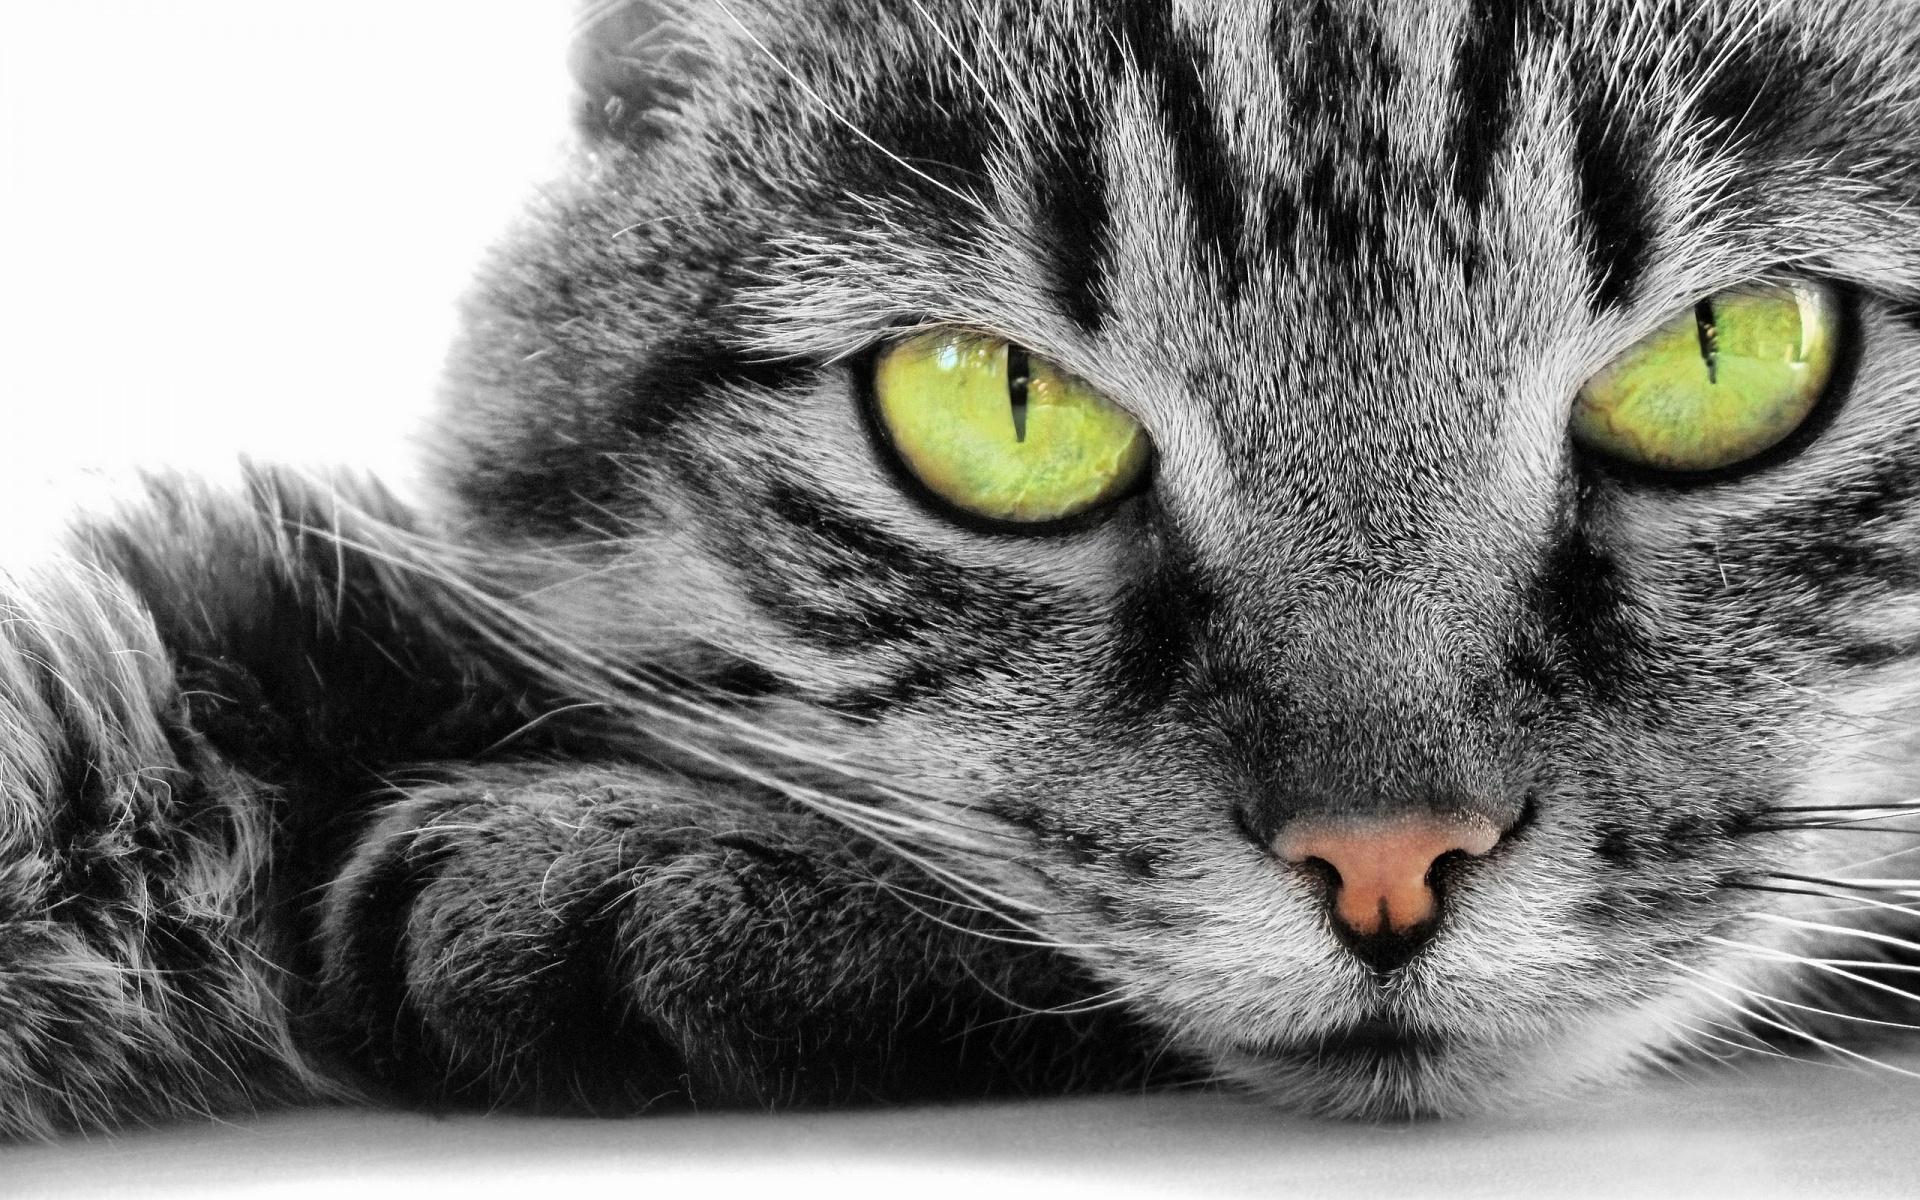 Incompletitud y medida en física cuántica (IV): un gato y el destino del universo